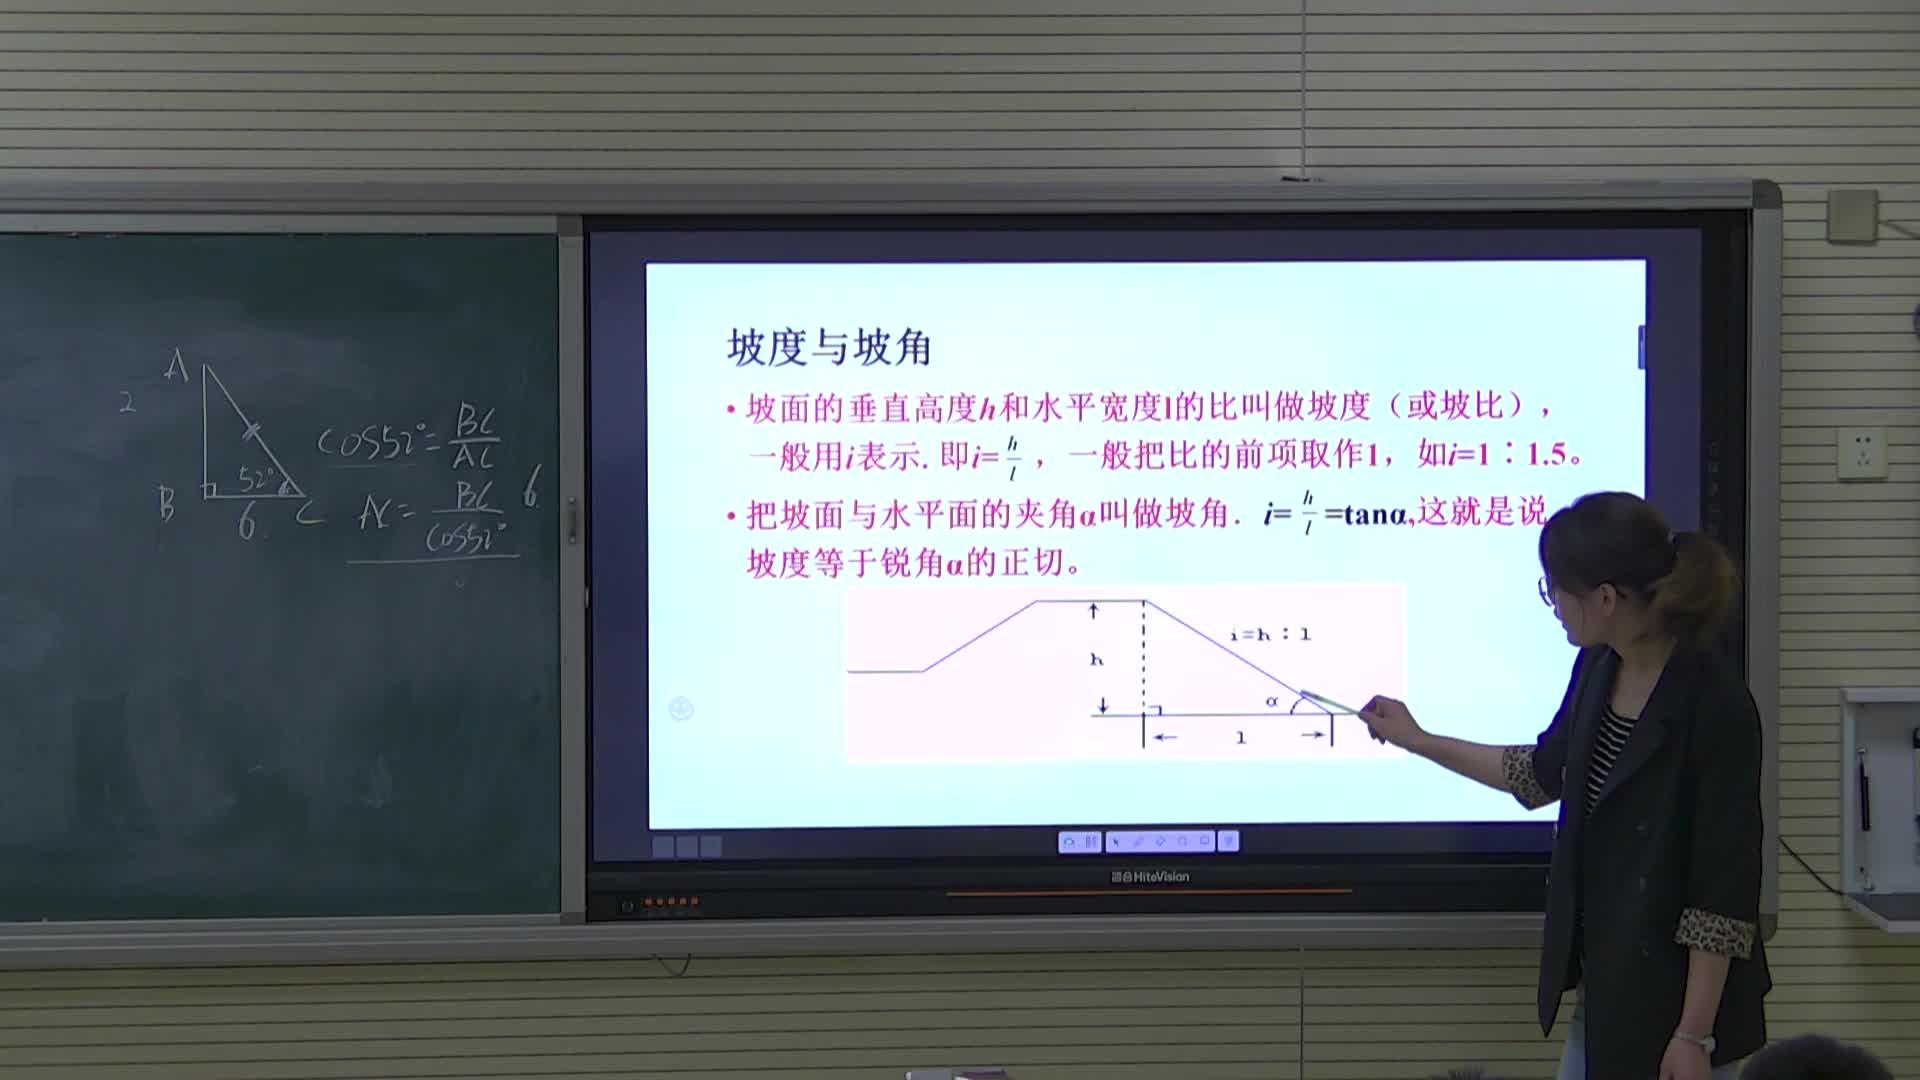 冀教版 九年級數學:解直角三角形復習課-視頻公開課